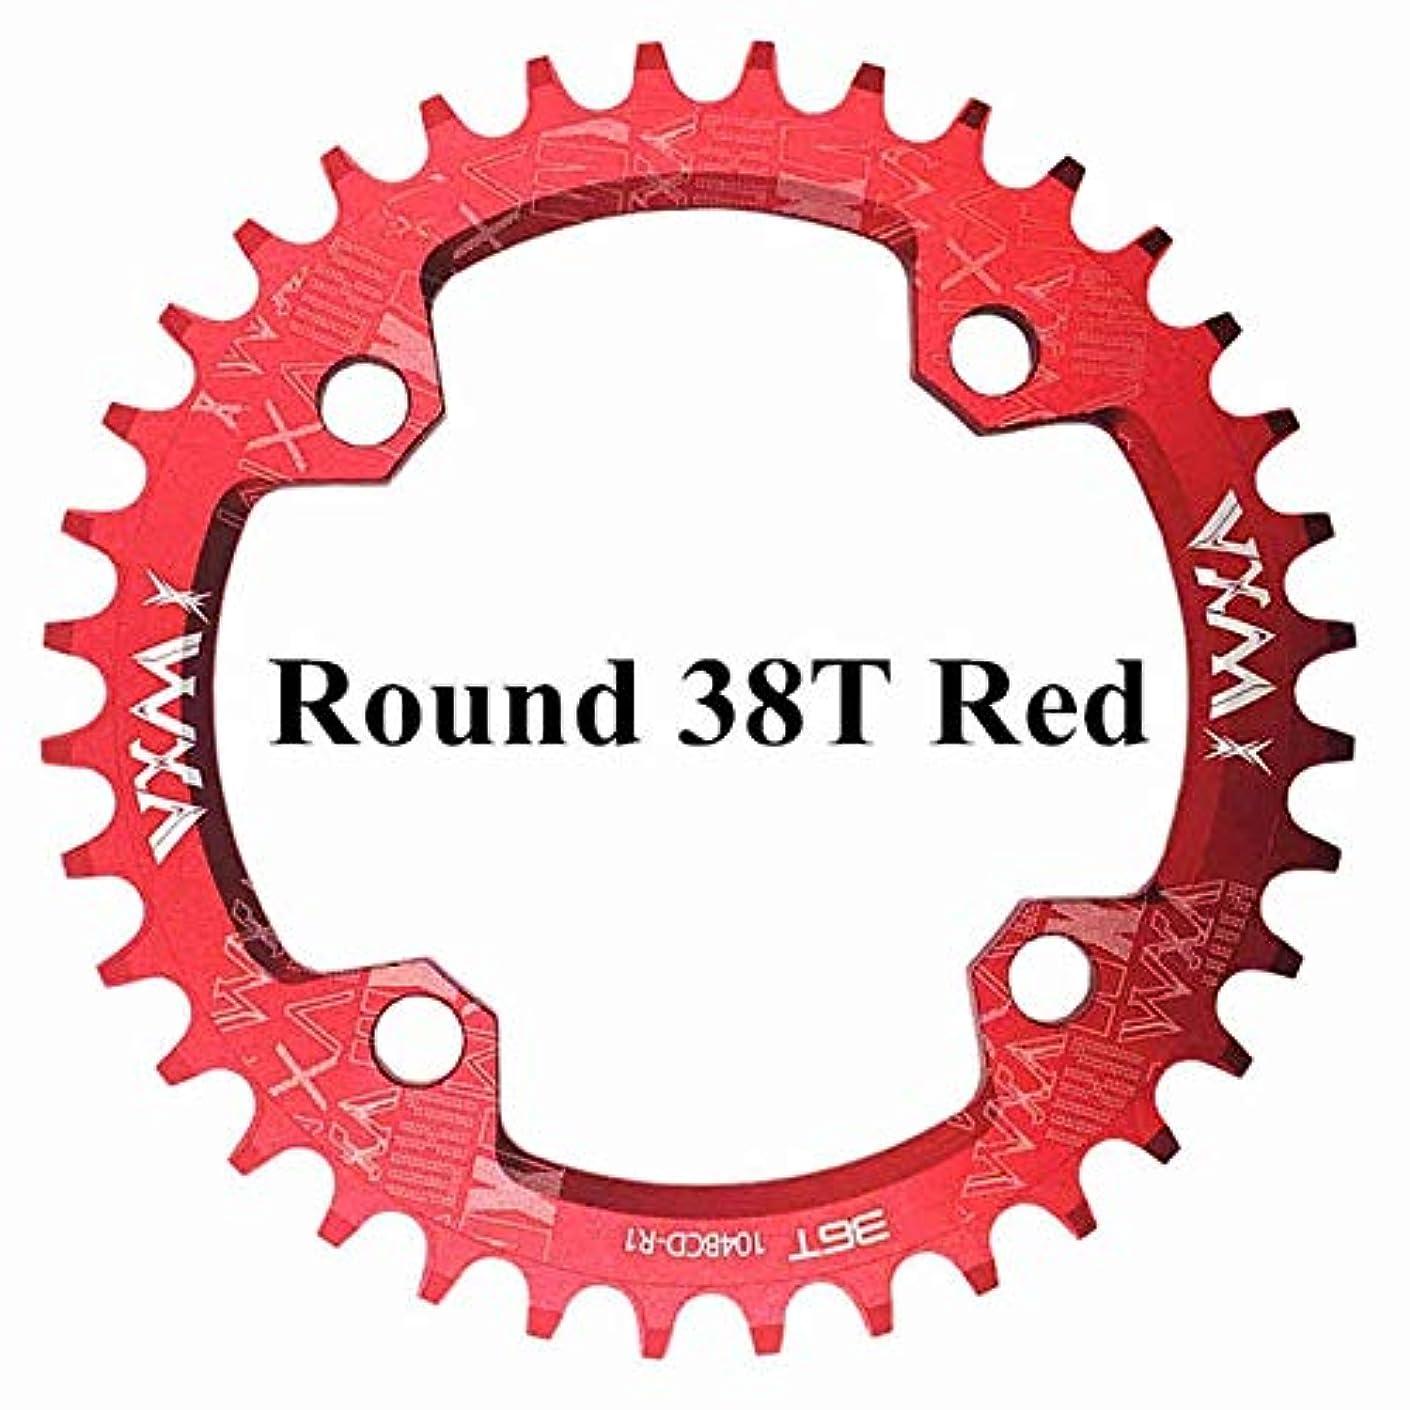 ギャング酸っぱいツインPropenary - 自転車104BCDクランクオーバルラウンド30T 32T 34T 36T 38T 40T 42T 44T 46T 48T 50T 52TチェーンホイールXT狭い広い自転車チェーンリング[ラウンド38Tレッド]